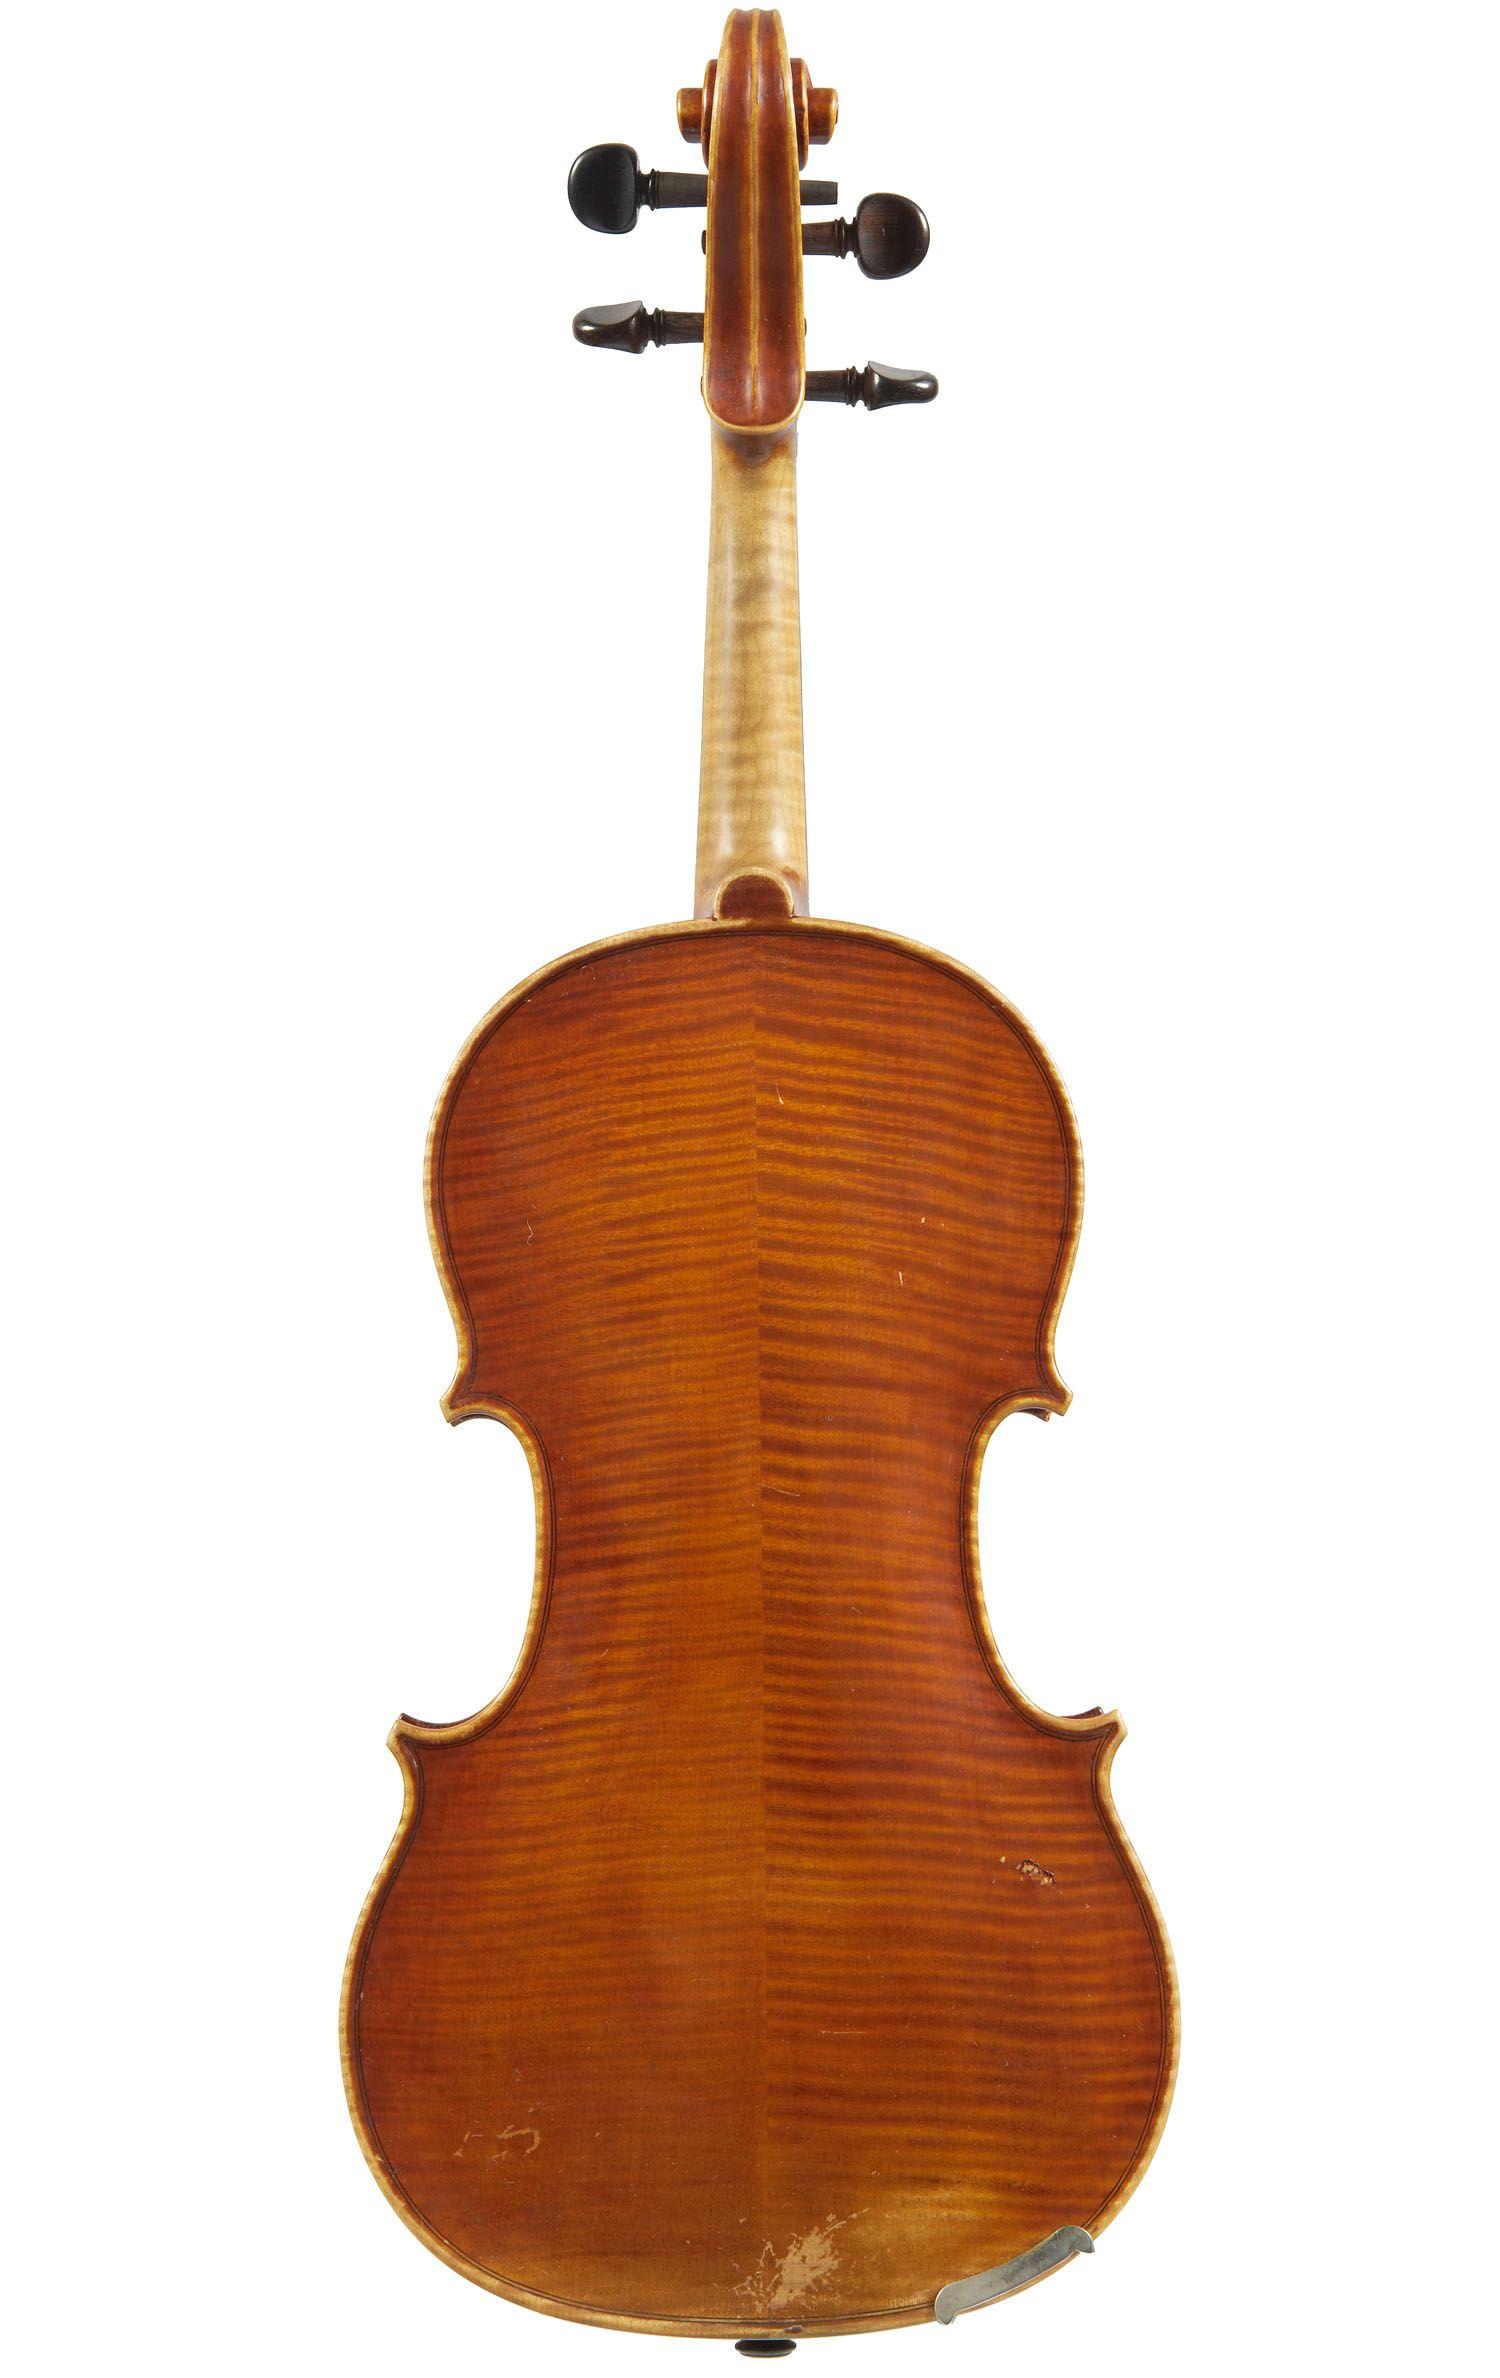 A Fine Italian Violin by G B Morassi Cremona 1965